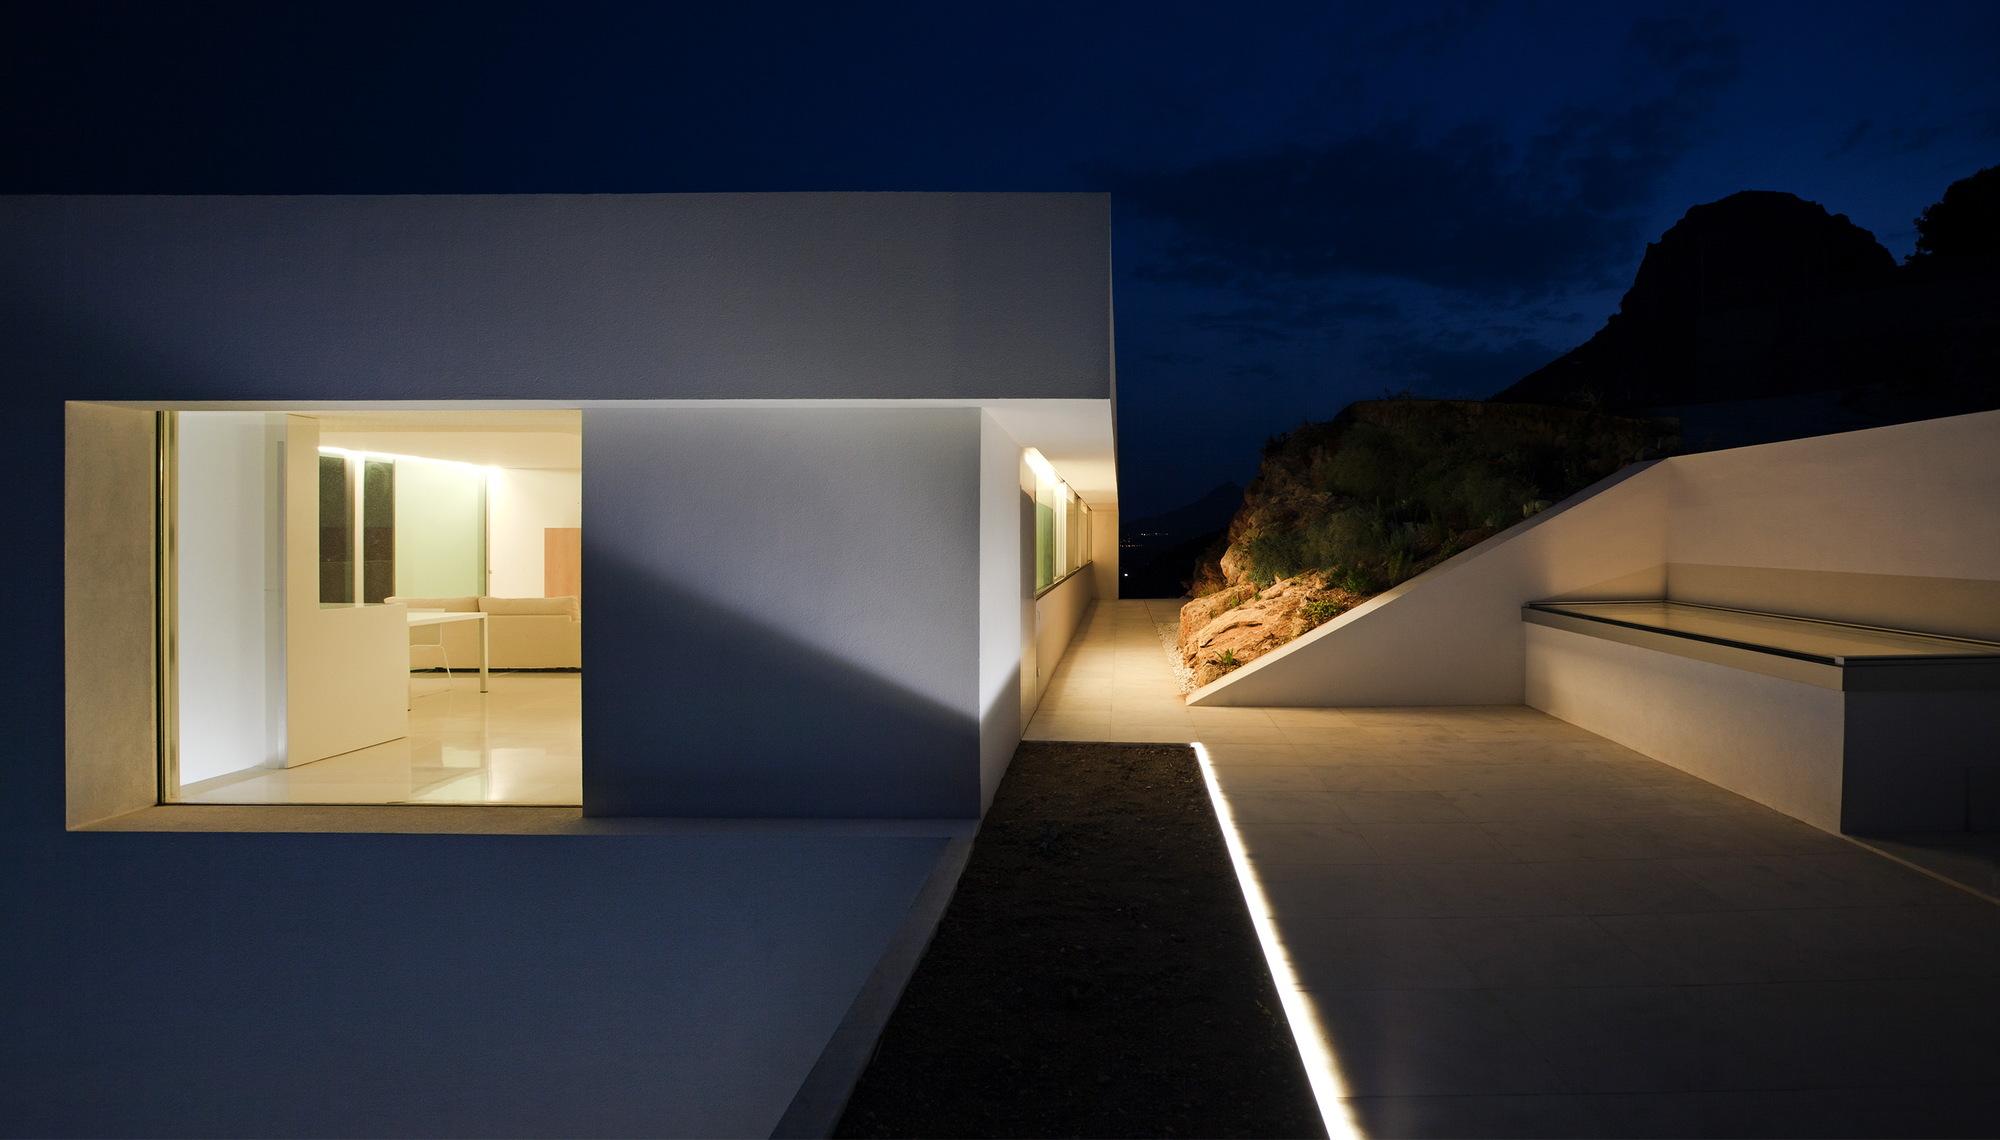 House on the cliff casa del acantilado fran silvestre - Fran silvestre arquitectos ...